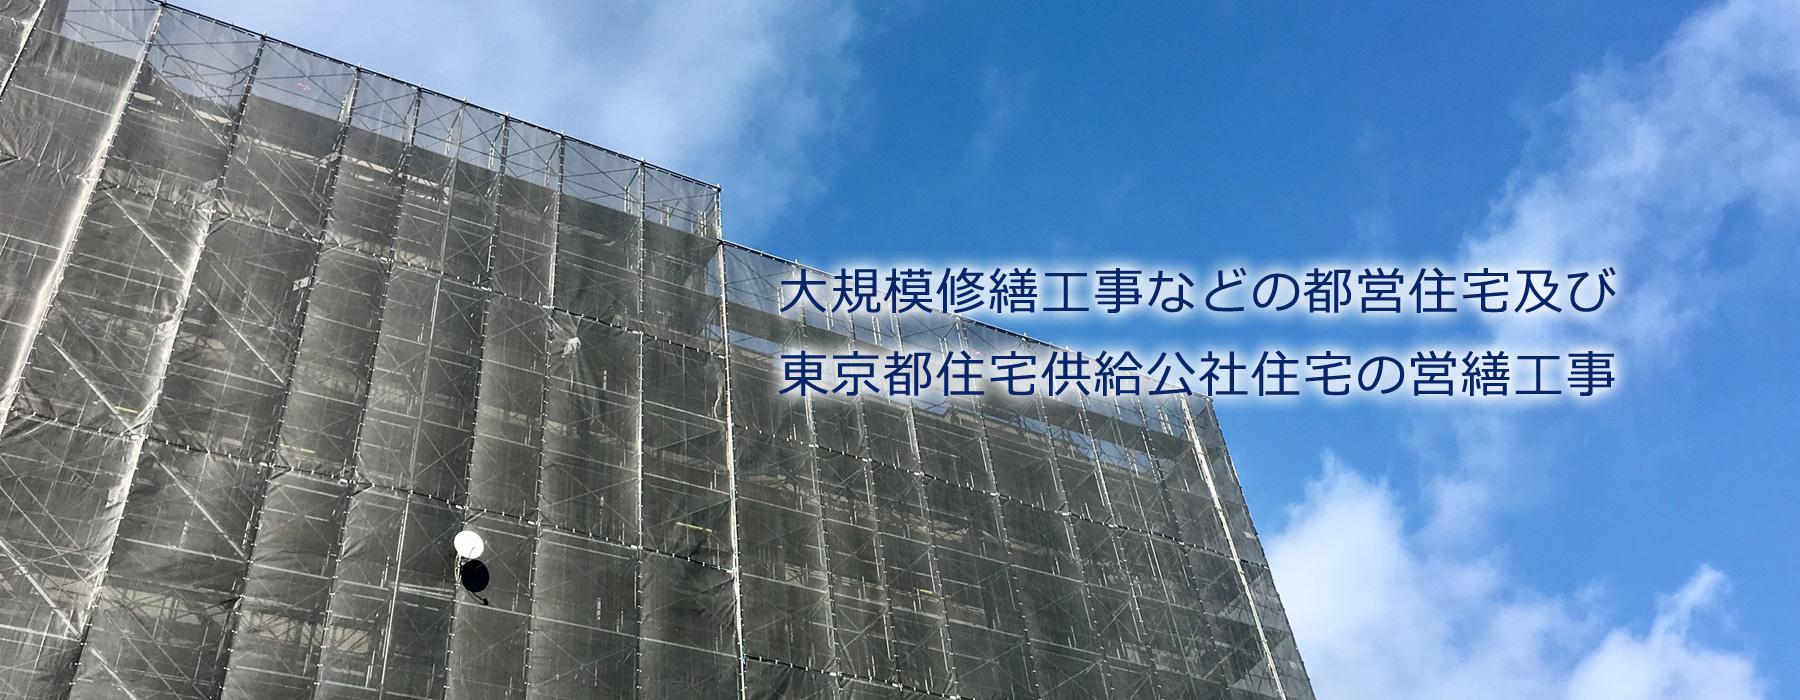 東京 都 住宅 供給 公社